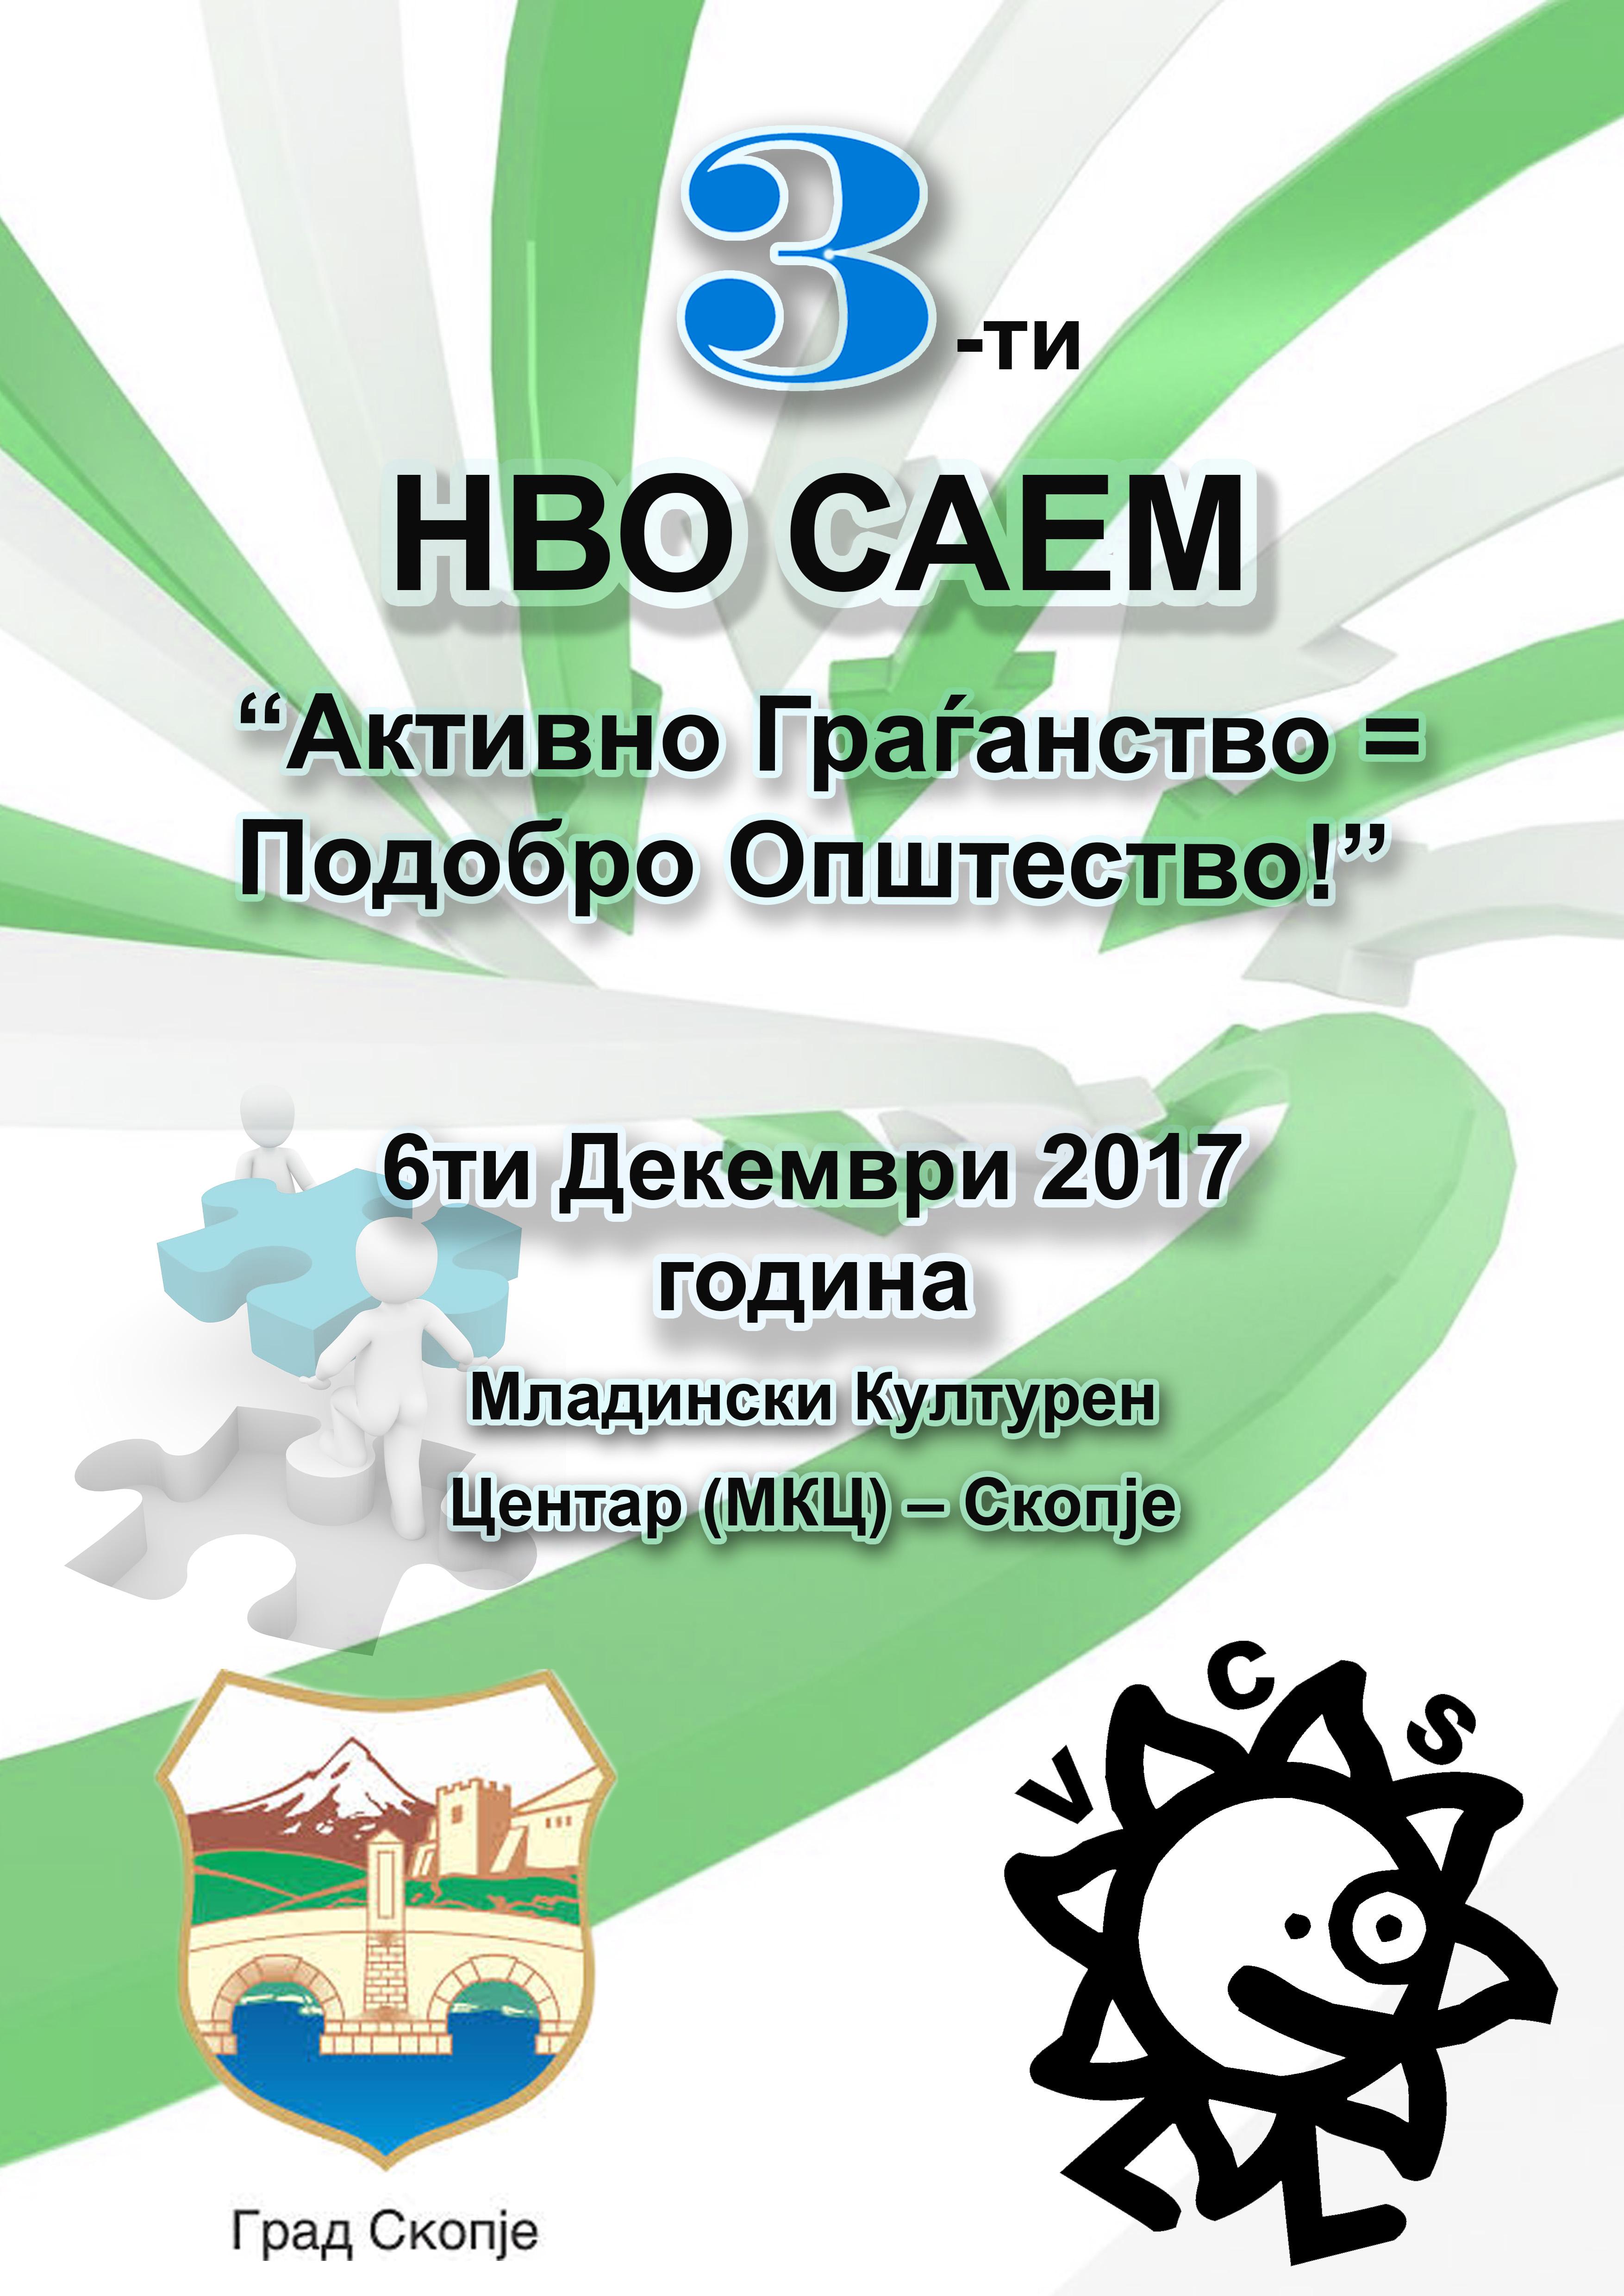 НВО Саем Постер